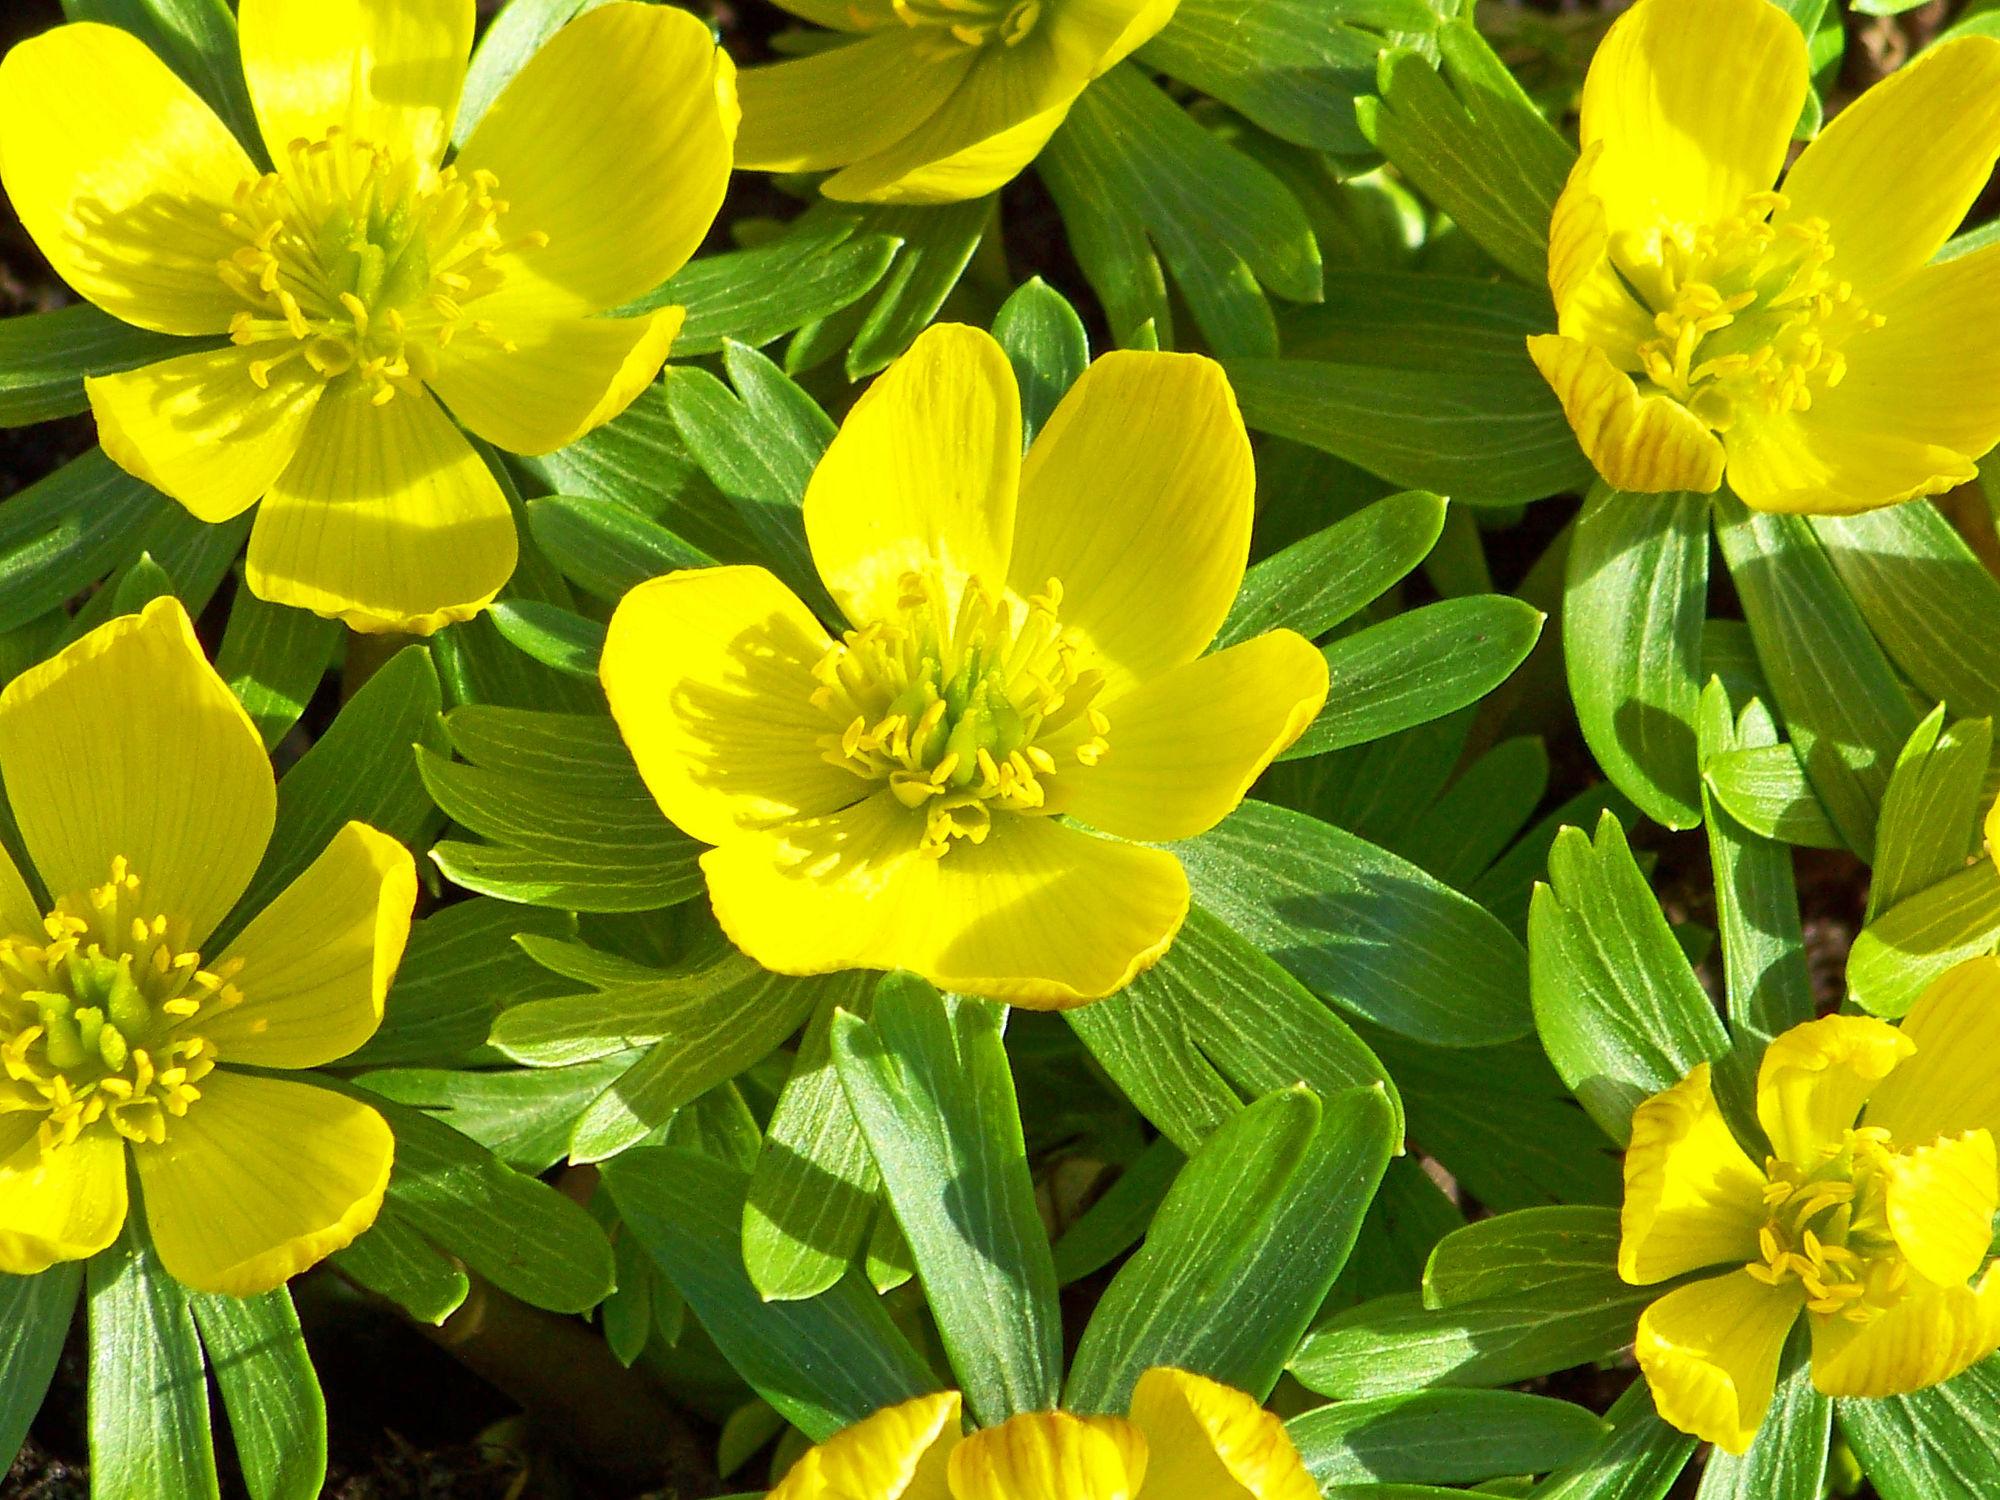 Bild mit Gelb, Natur, Pflanzen, Blumen, Frühling, Blume, Pflanze, frühlingsblumen, Blüten, blüte, frühjahr